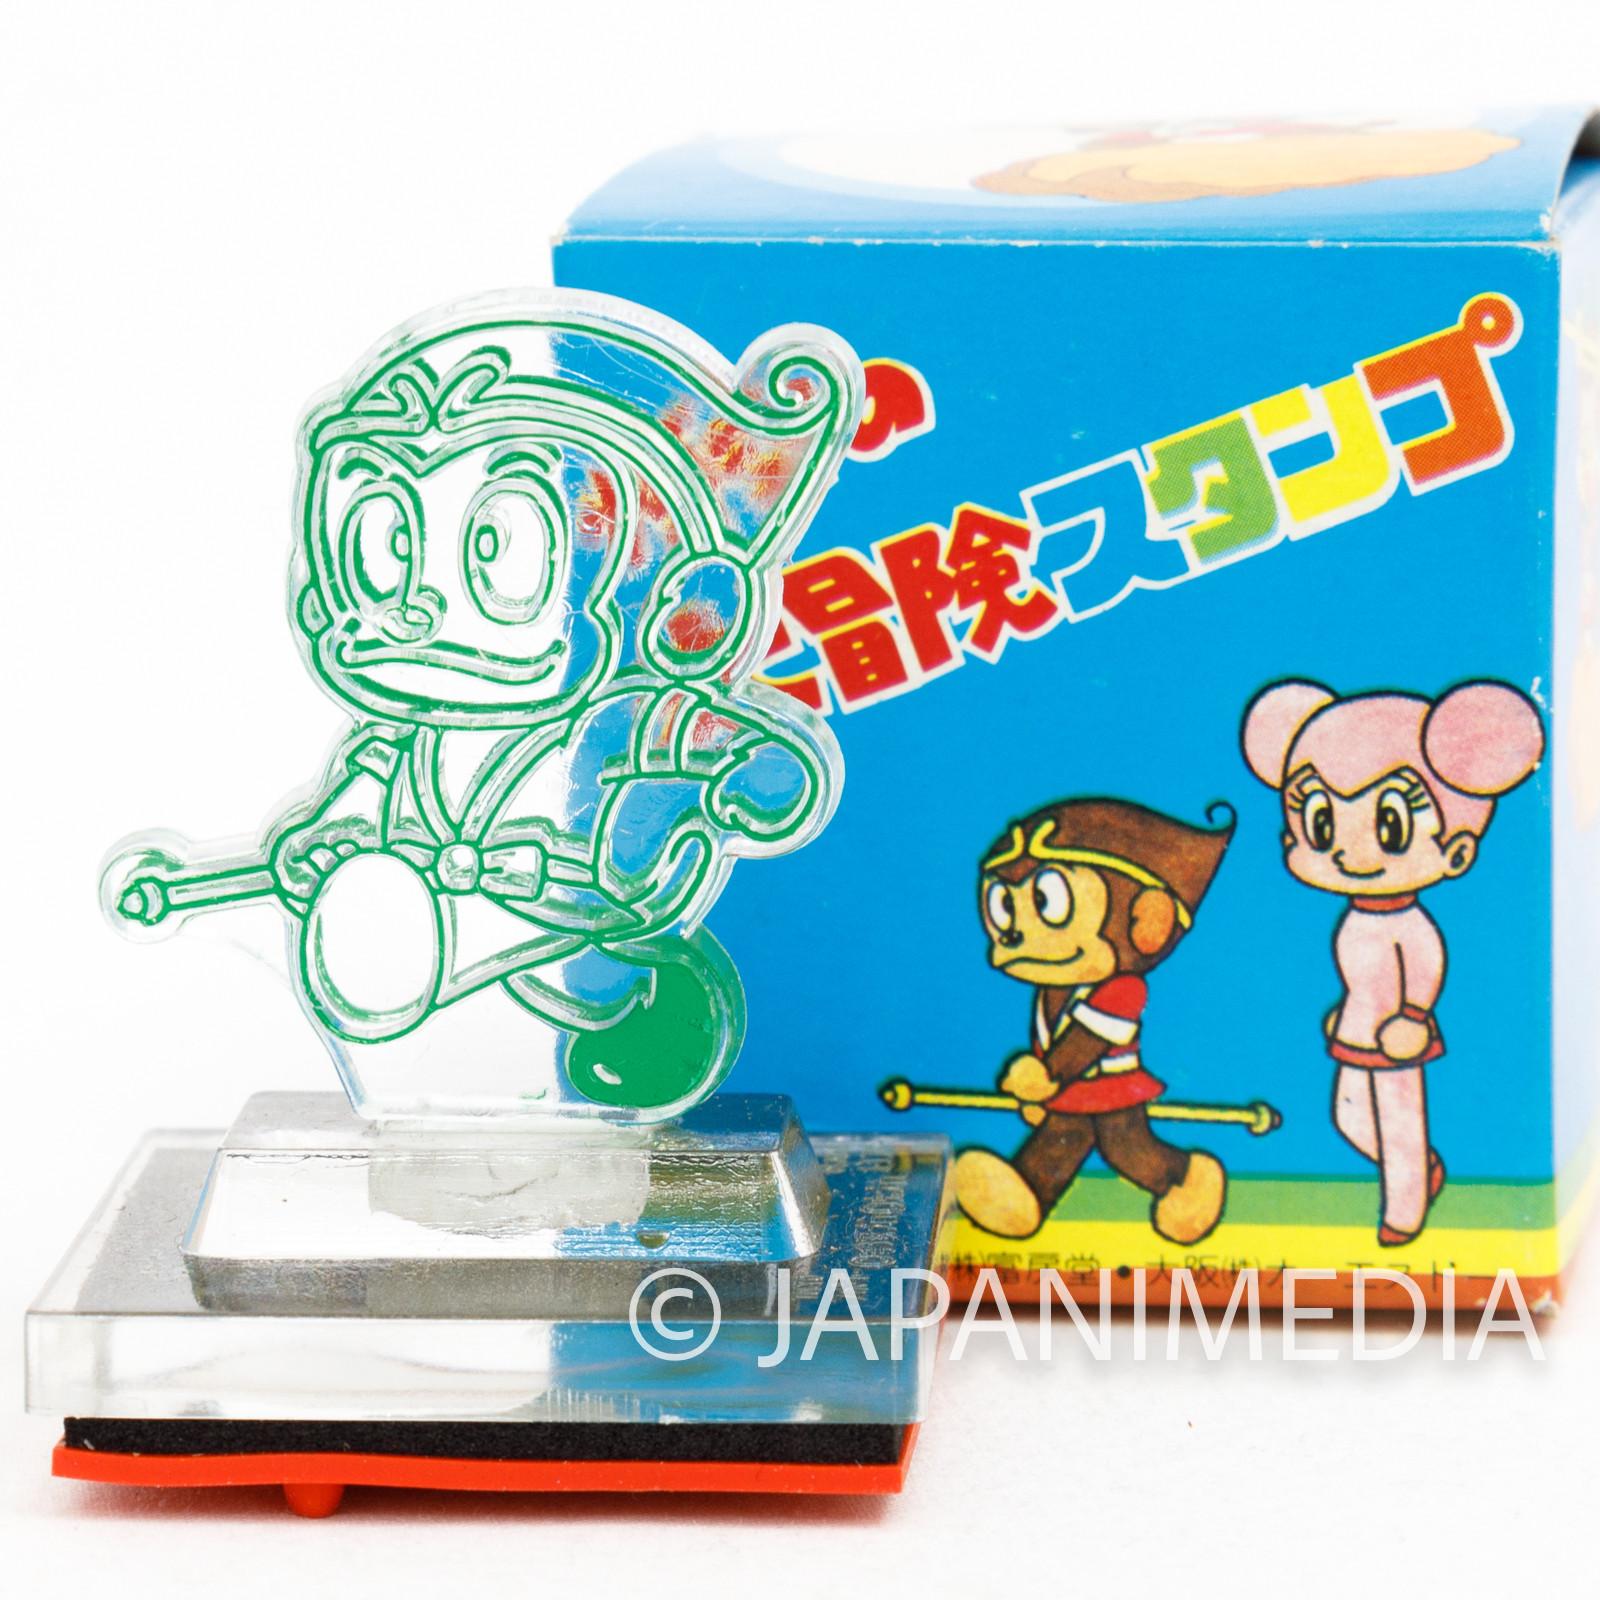 RARE! Goku's Great Adventures Goku Stamp Tezuka Osamu JAPAN ANIME Daiboken